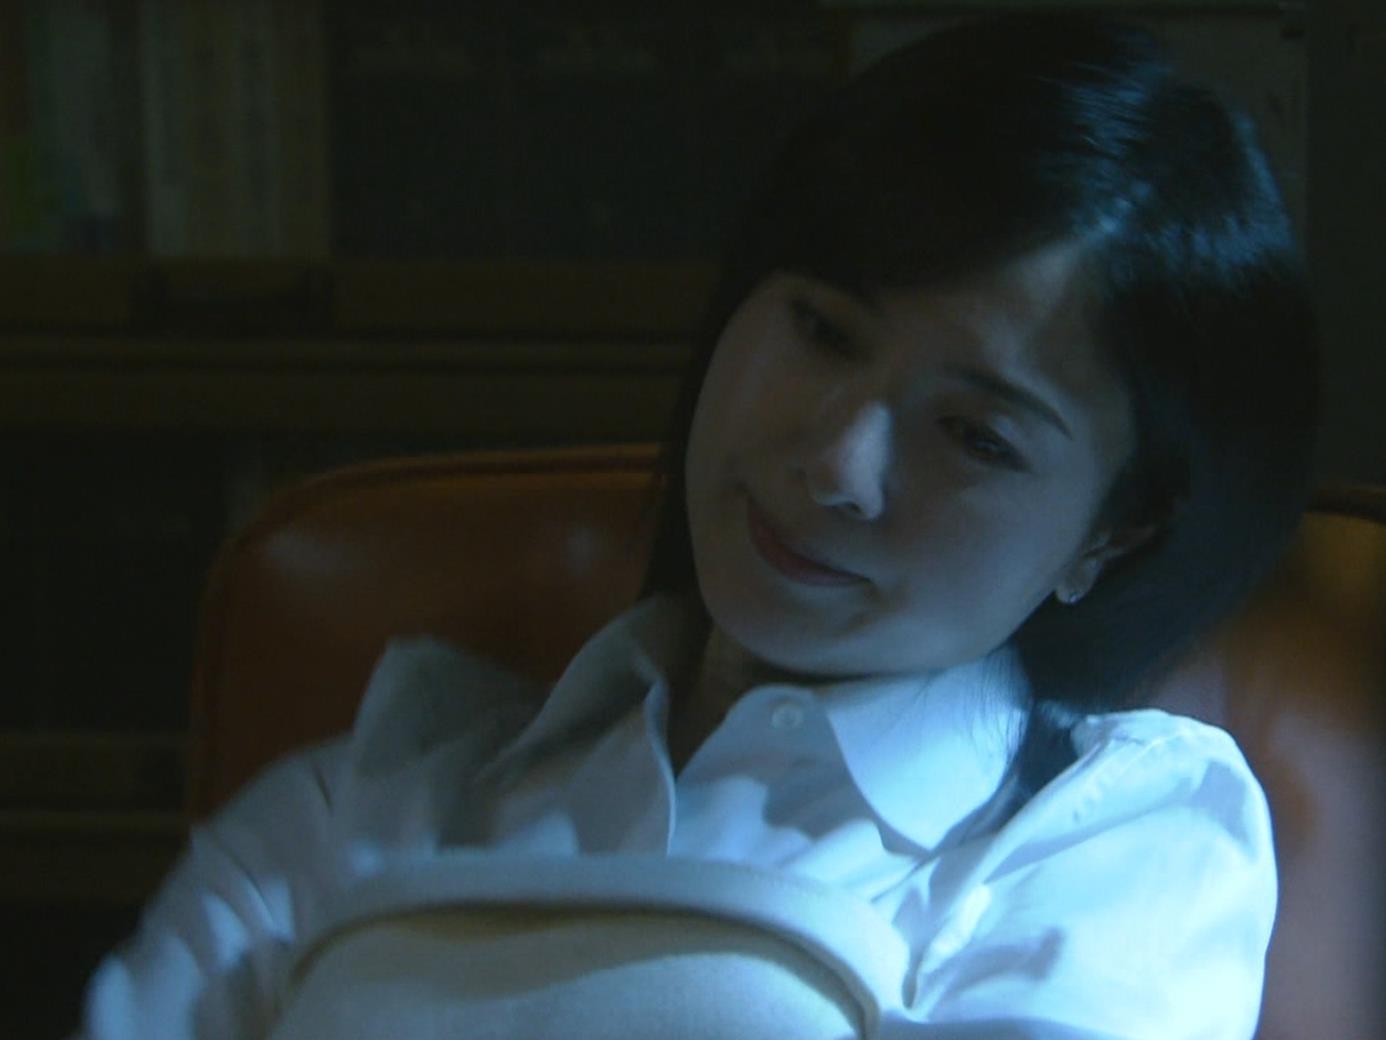 吉高由里子 おっぱいがエロい寝方と濃厚キスシーンキャプ・エロ画像4